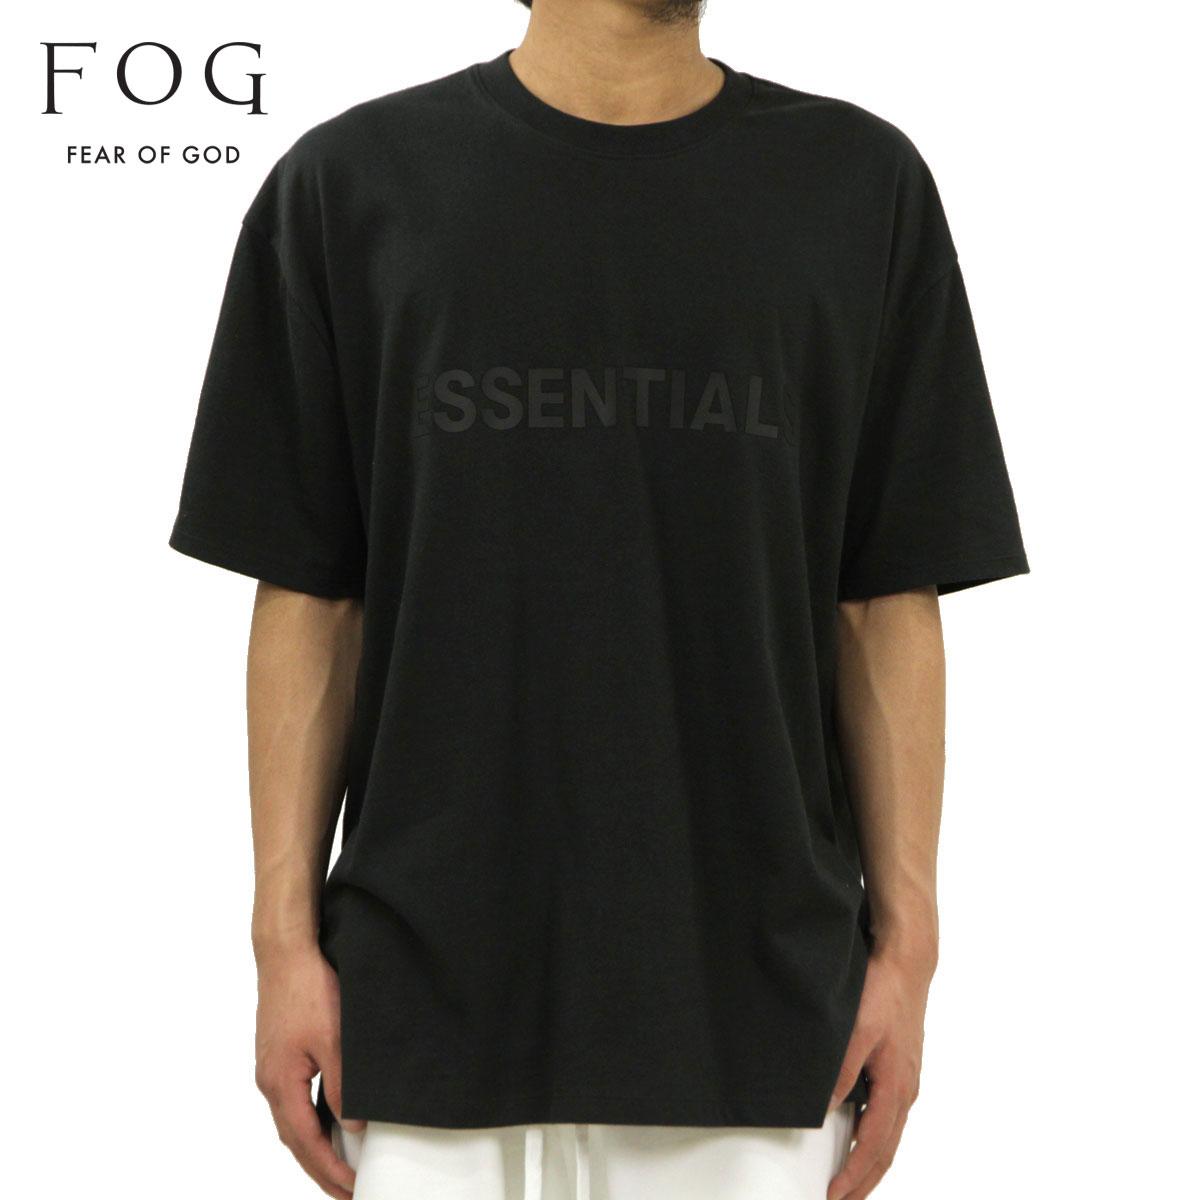 トップス, Tシャツ・カットソー  T FEAR OF GOD T FOG - FEAR OF GOD ESSENTIALS T-SHIRT BLACK